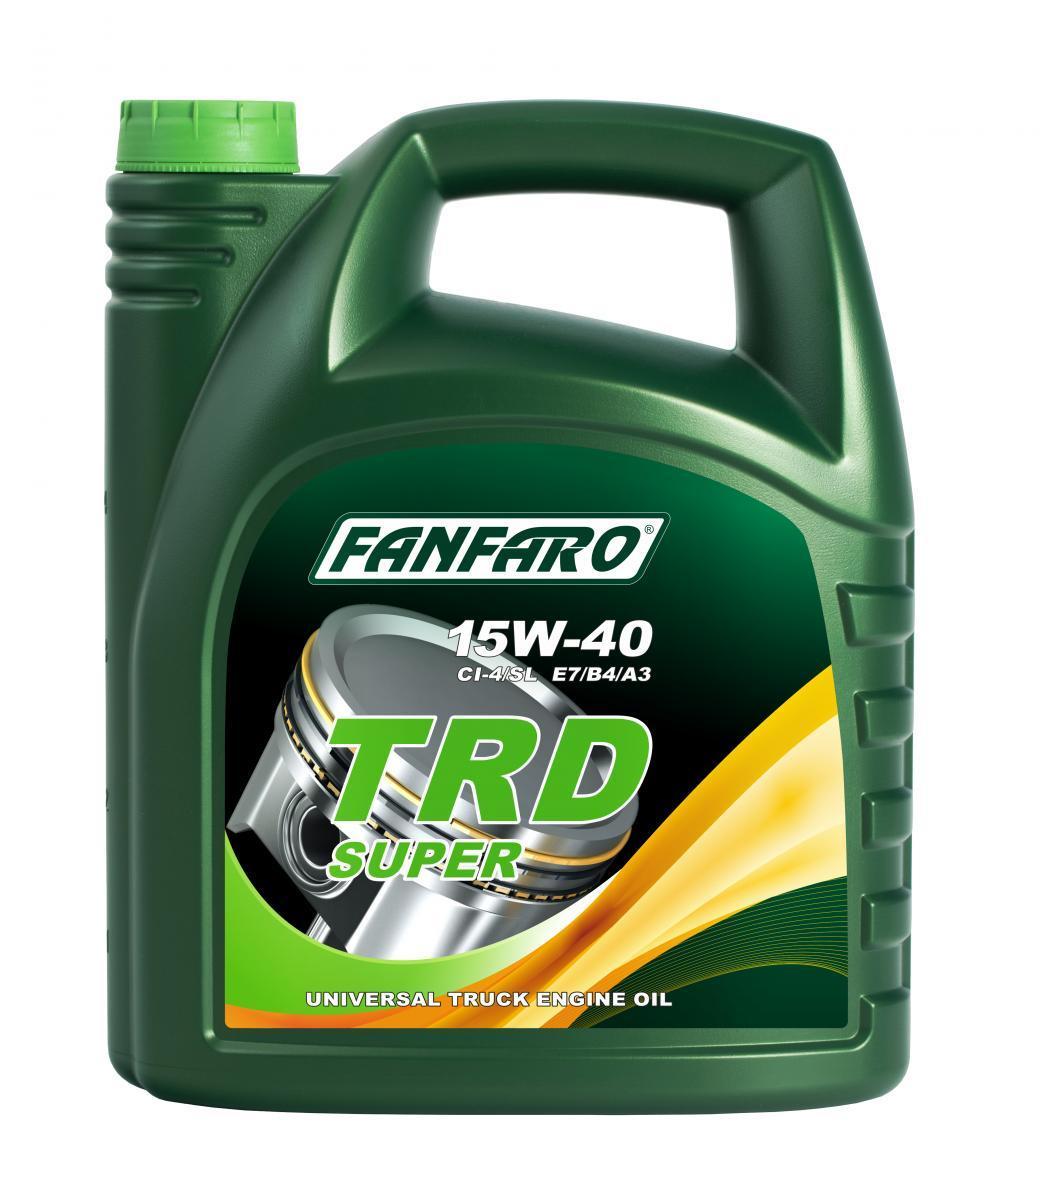 FF6104-5 FANFARO SHPD, TRD Super 15W-40, 5l Motoröl FF6104-5 günstig kaufen